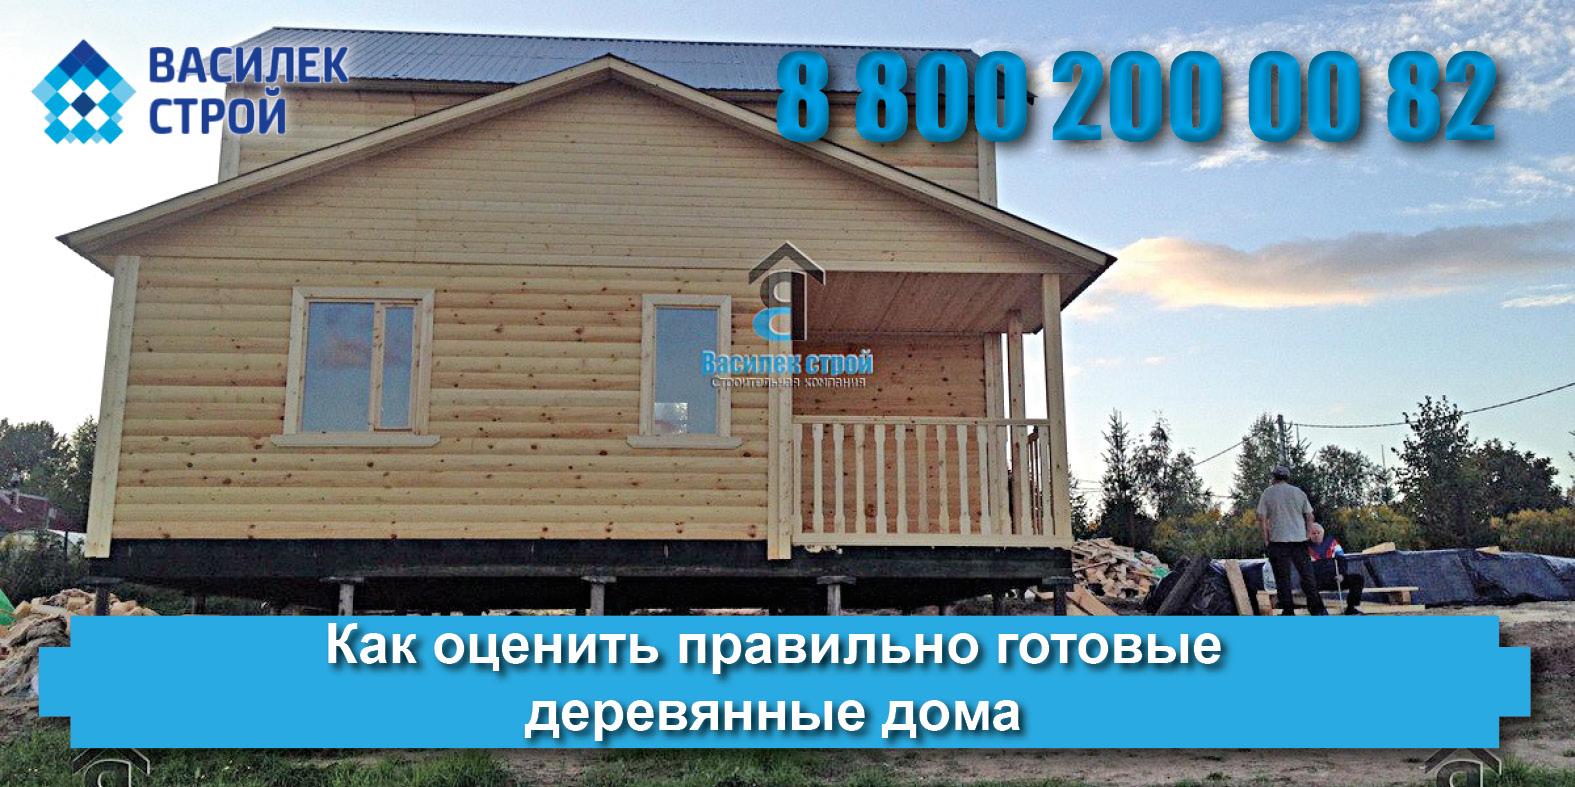 Как оценить правильно готовые деревянные дома